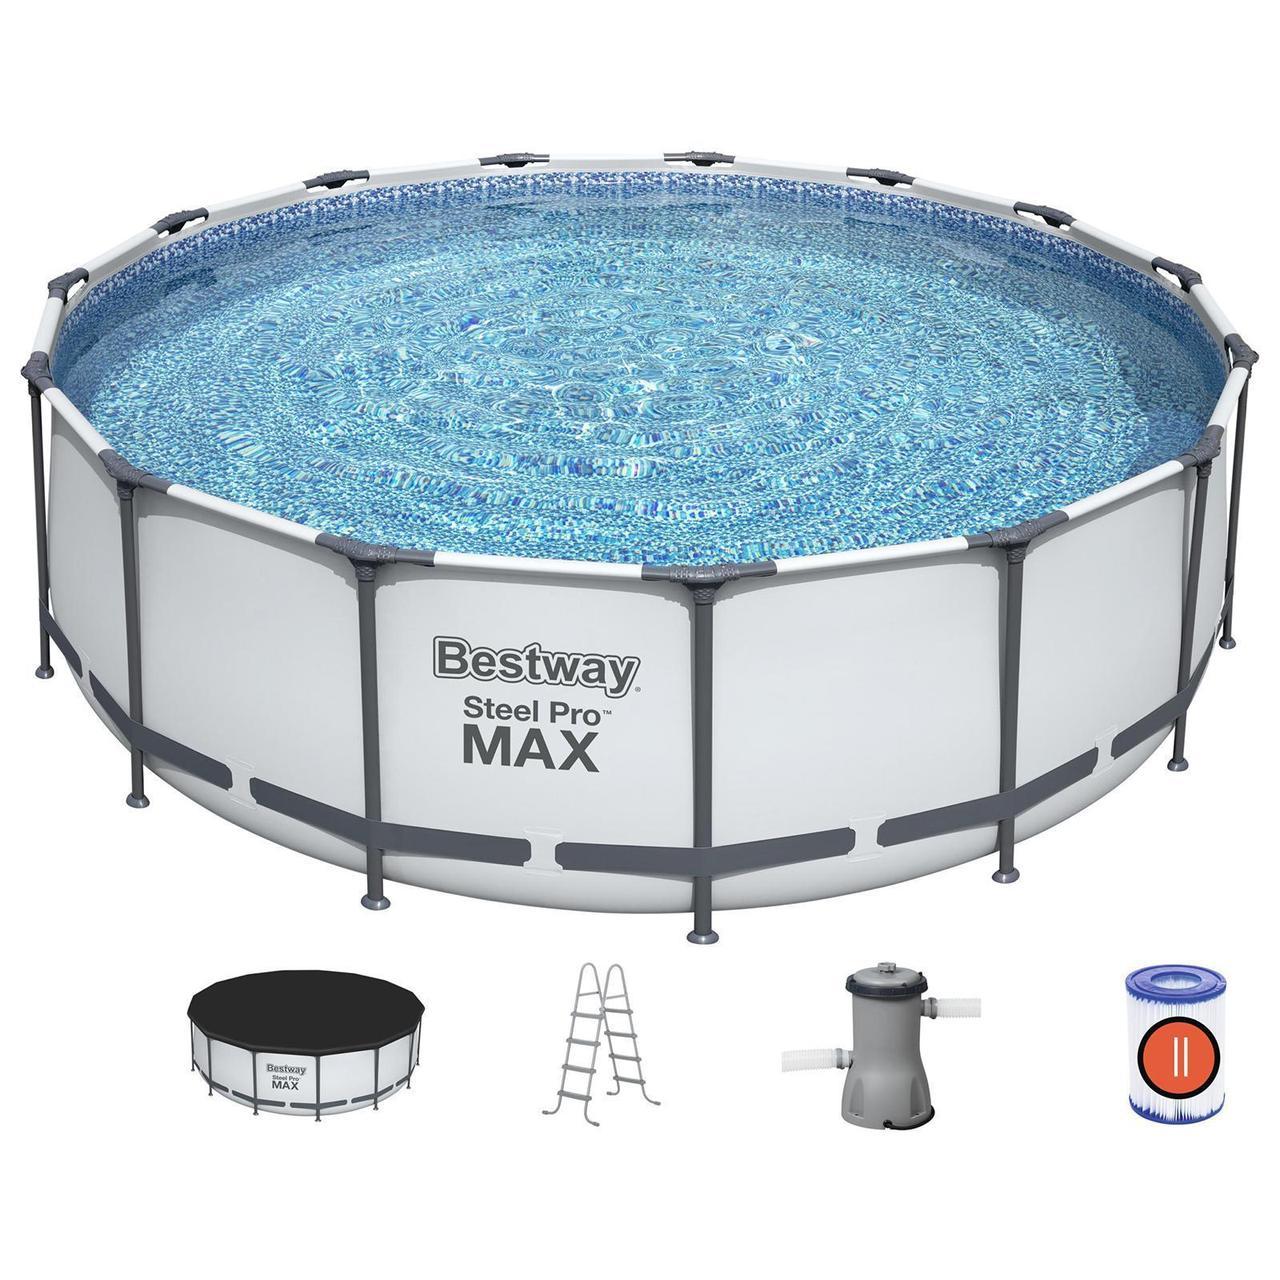 Бассейн каркасный bestway круглый 366 на 122 см (насос с фильтром 220V, лестница, тент,)